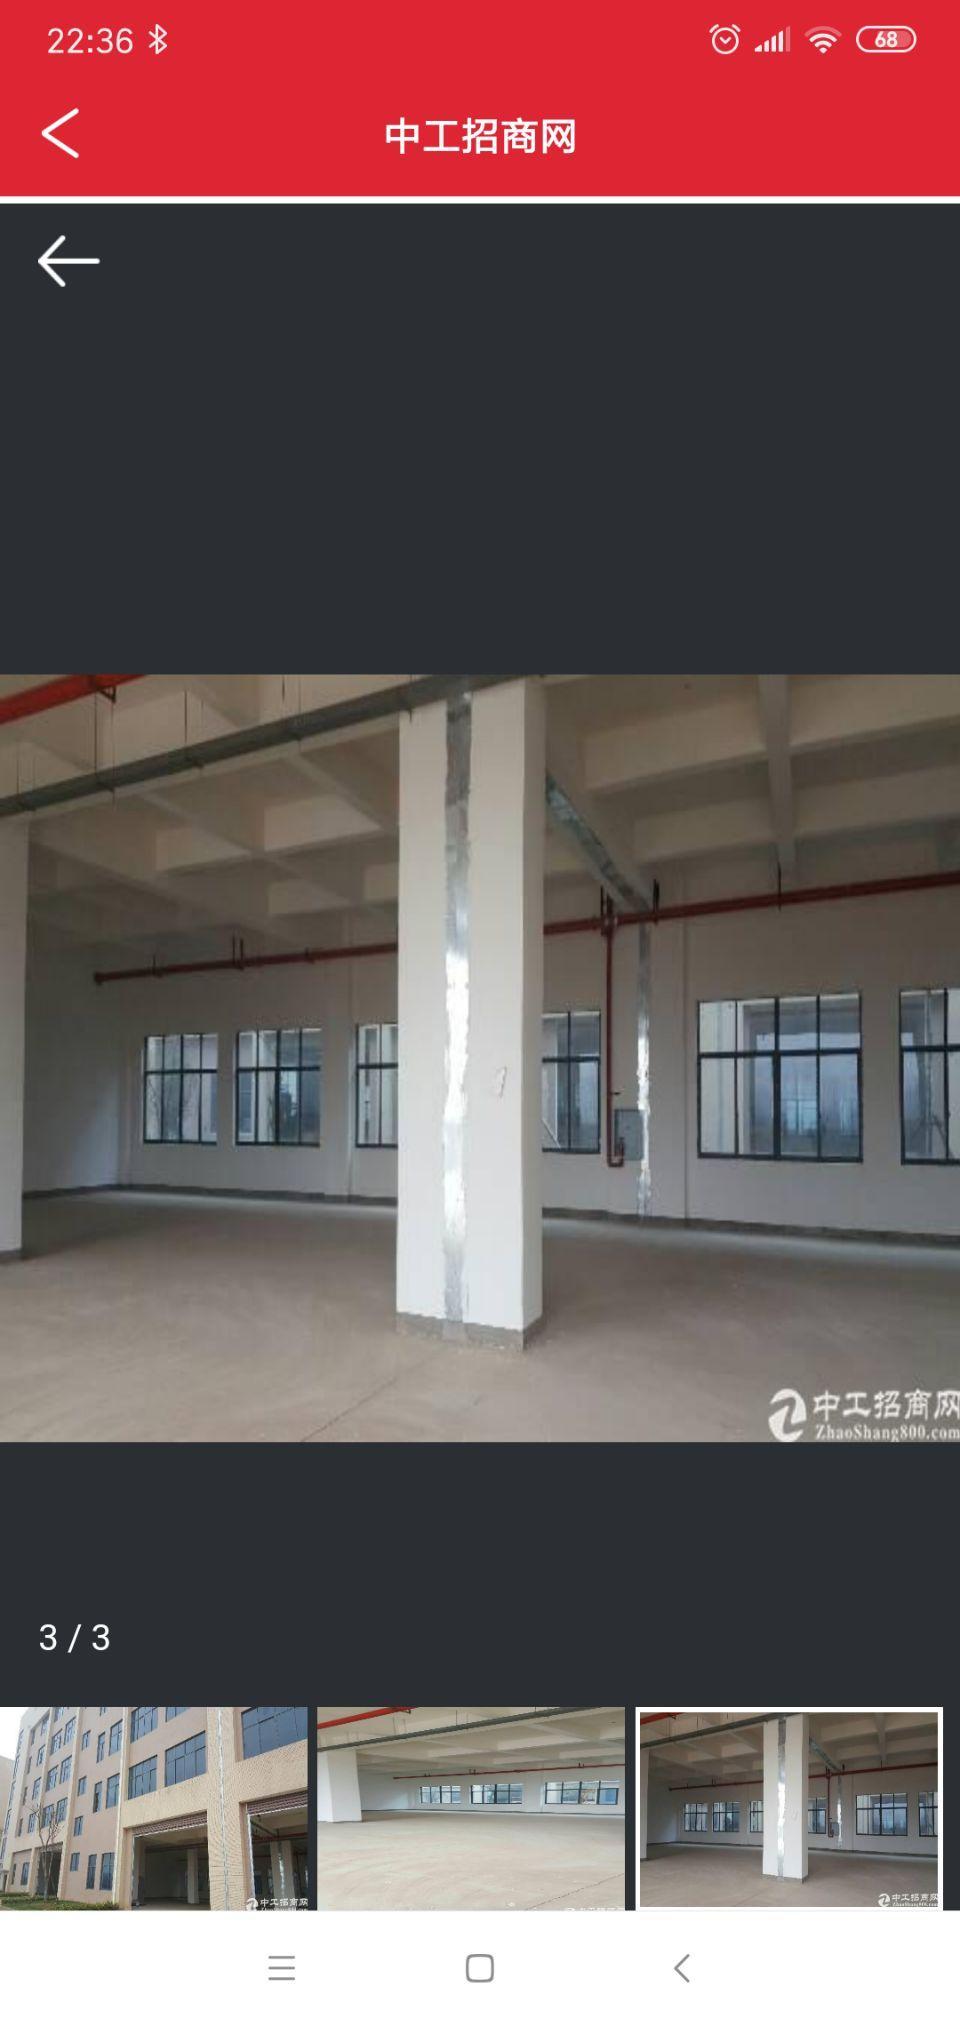 黄陂横店,交通位置便利,配套齐全,租金便宜